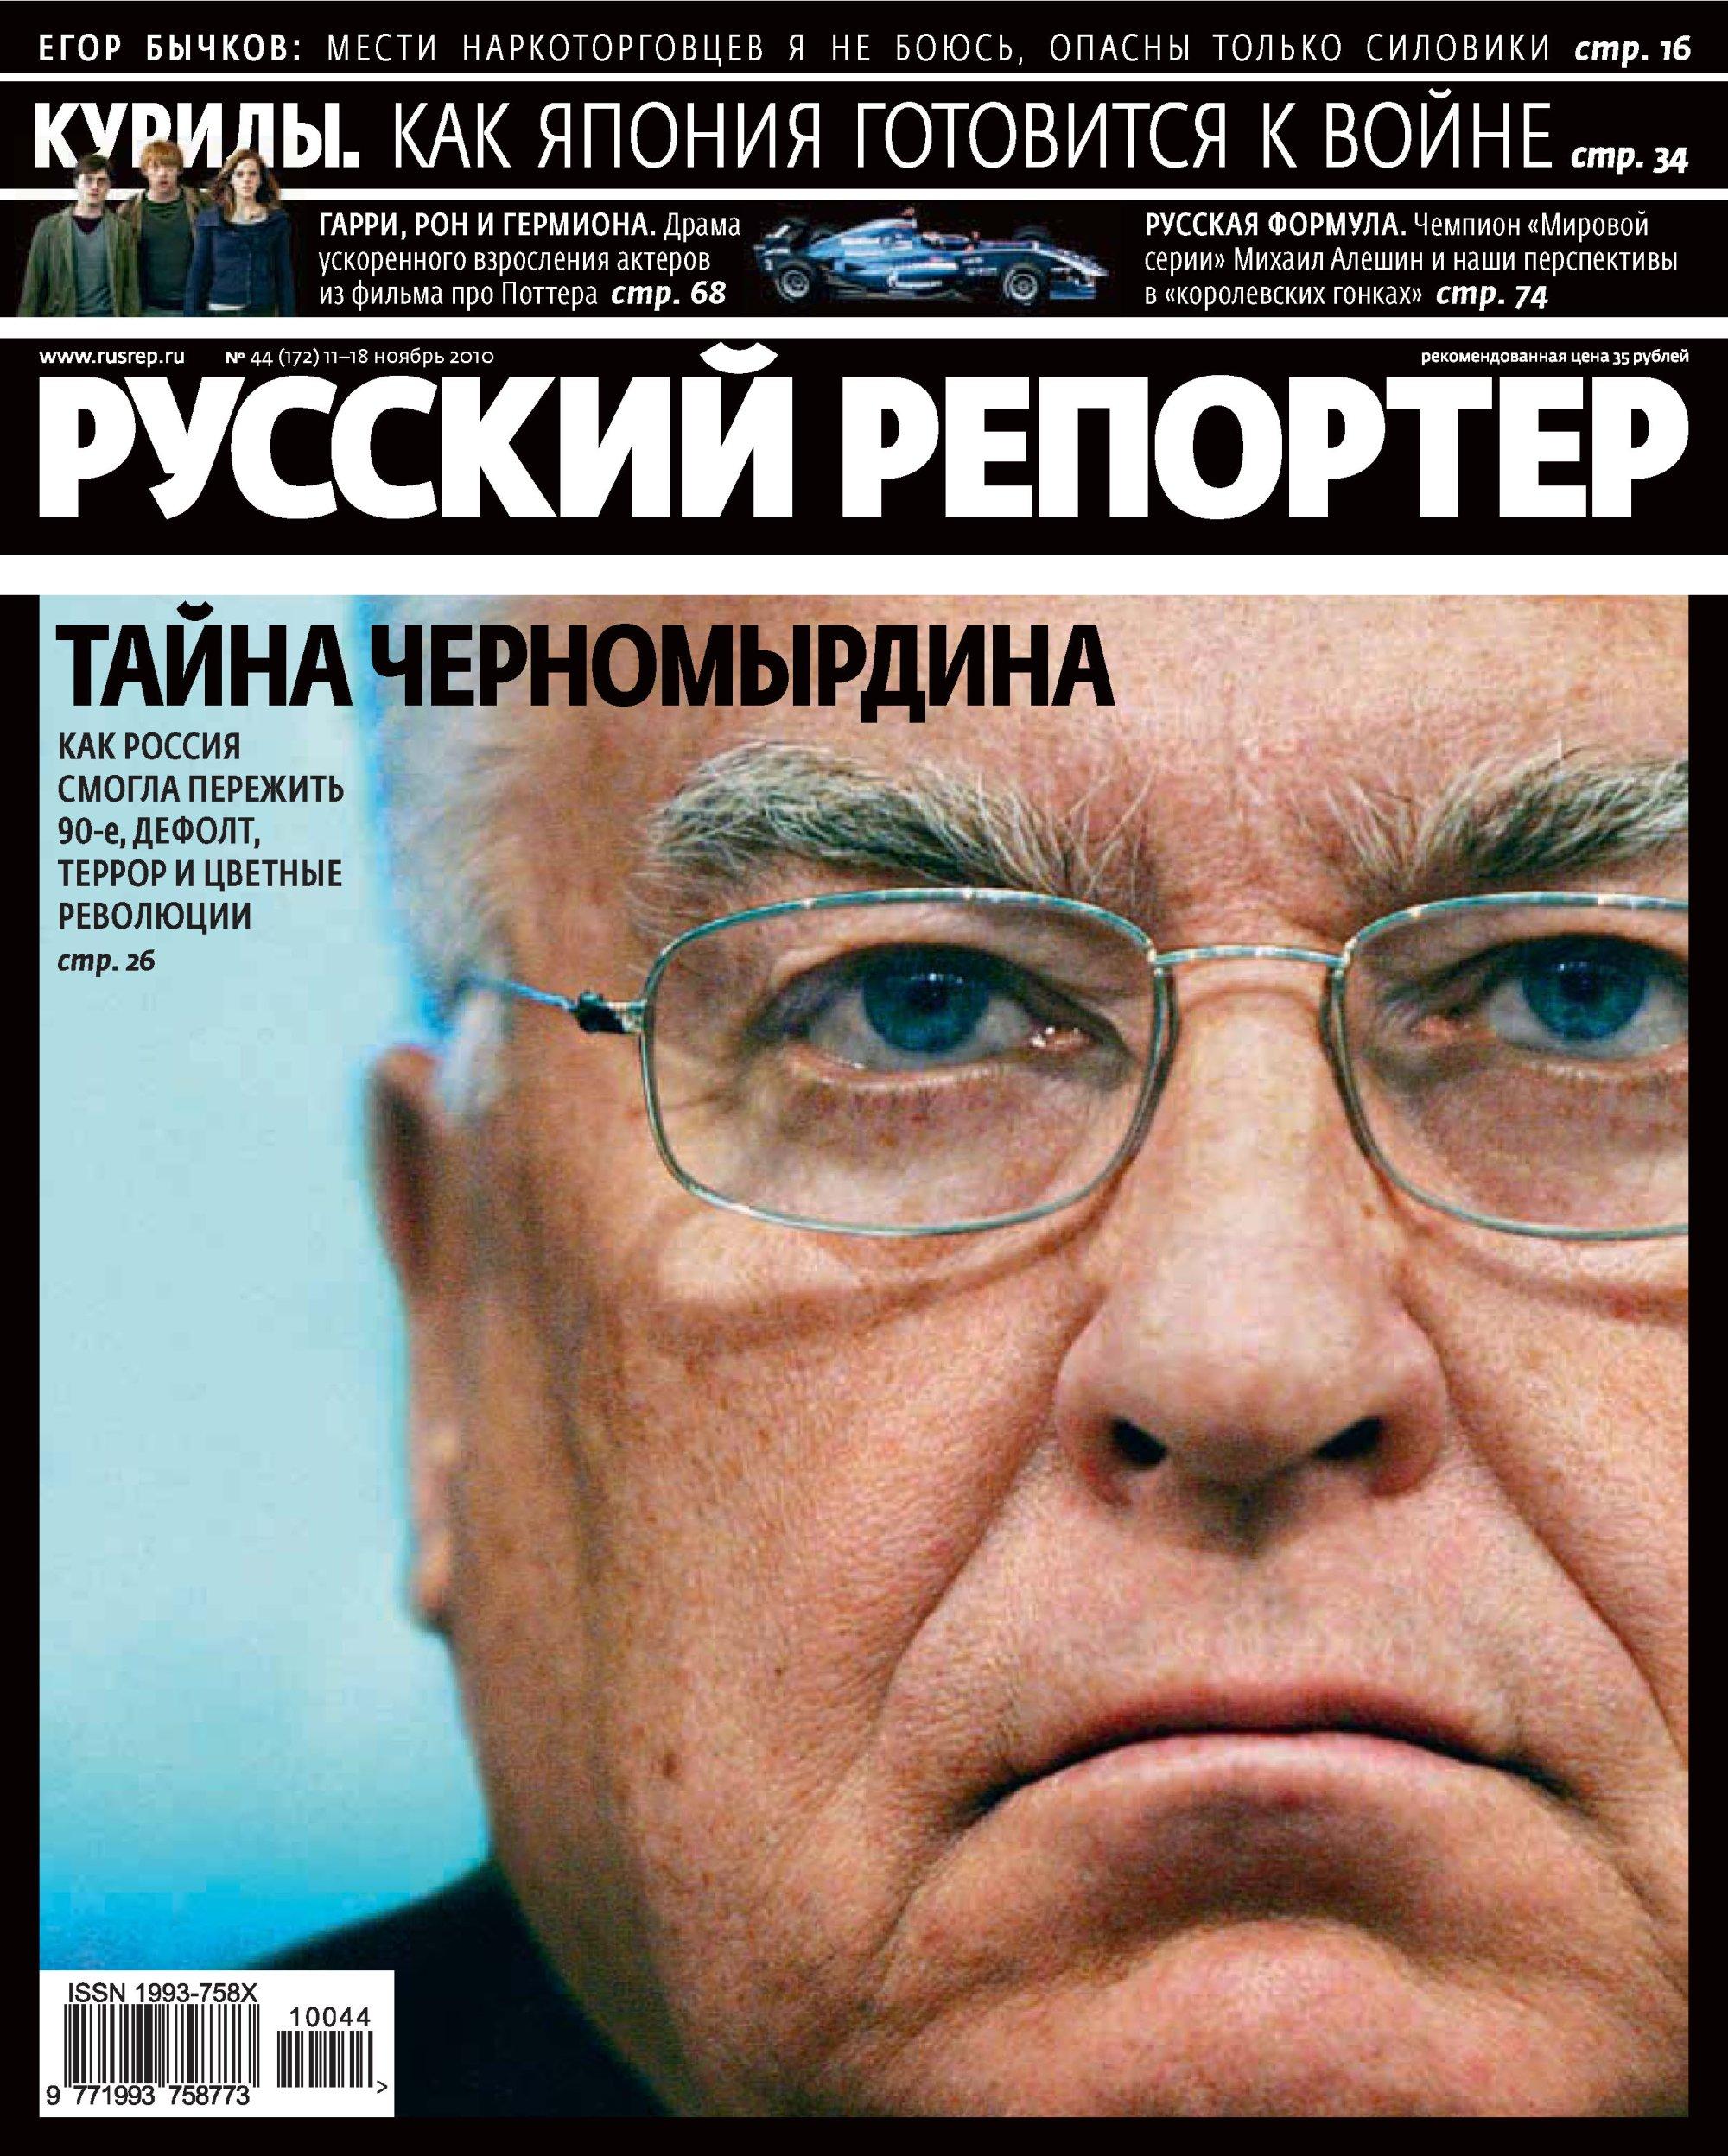 Отсутствует Русский Репортер №44/2010 отсутствует русский репортер 15 2010